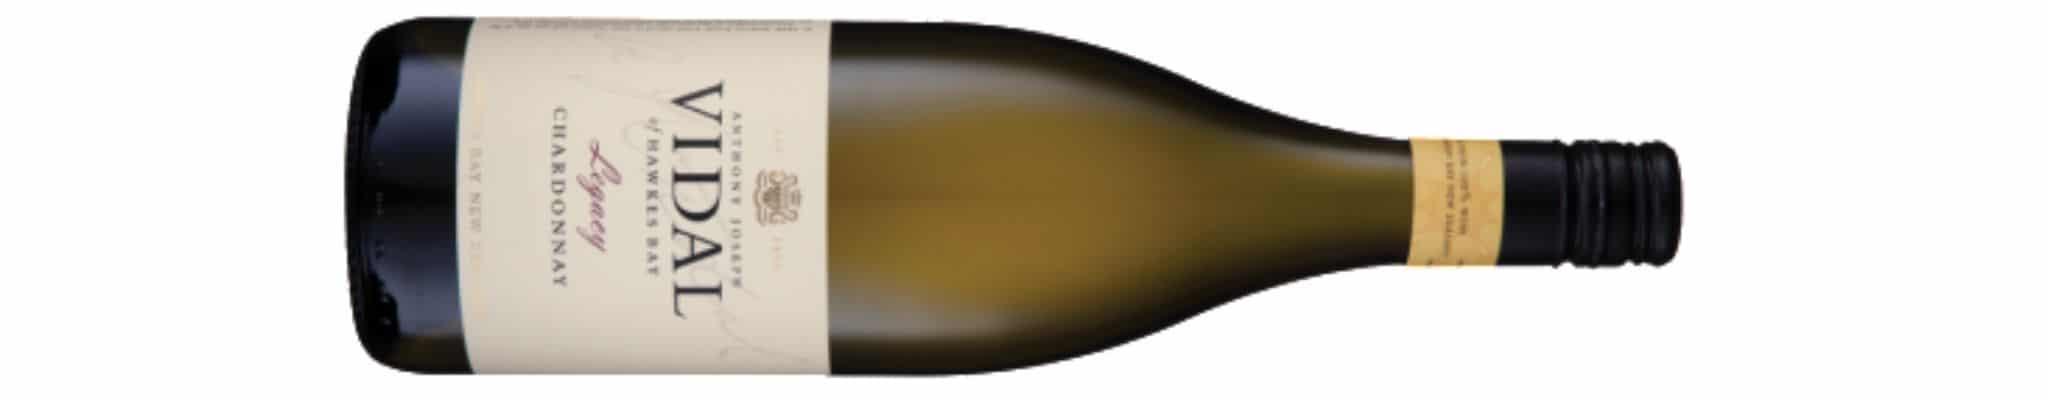 Hawke's Bay Chardonnay | Vidal Legacy Chardonnay